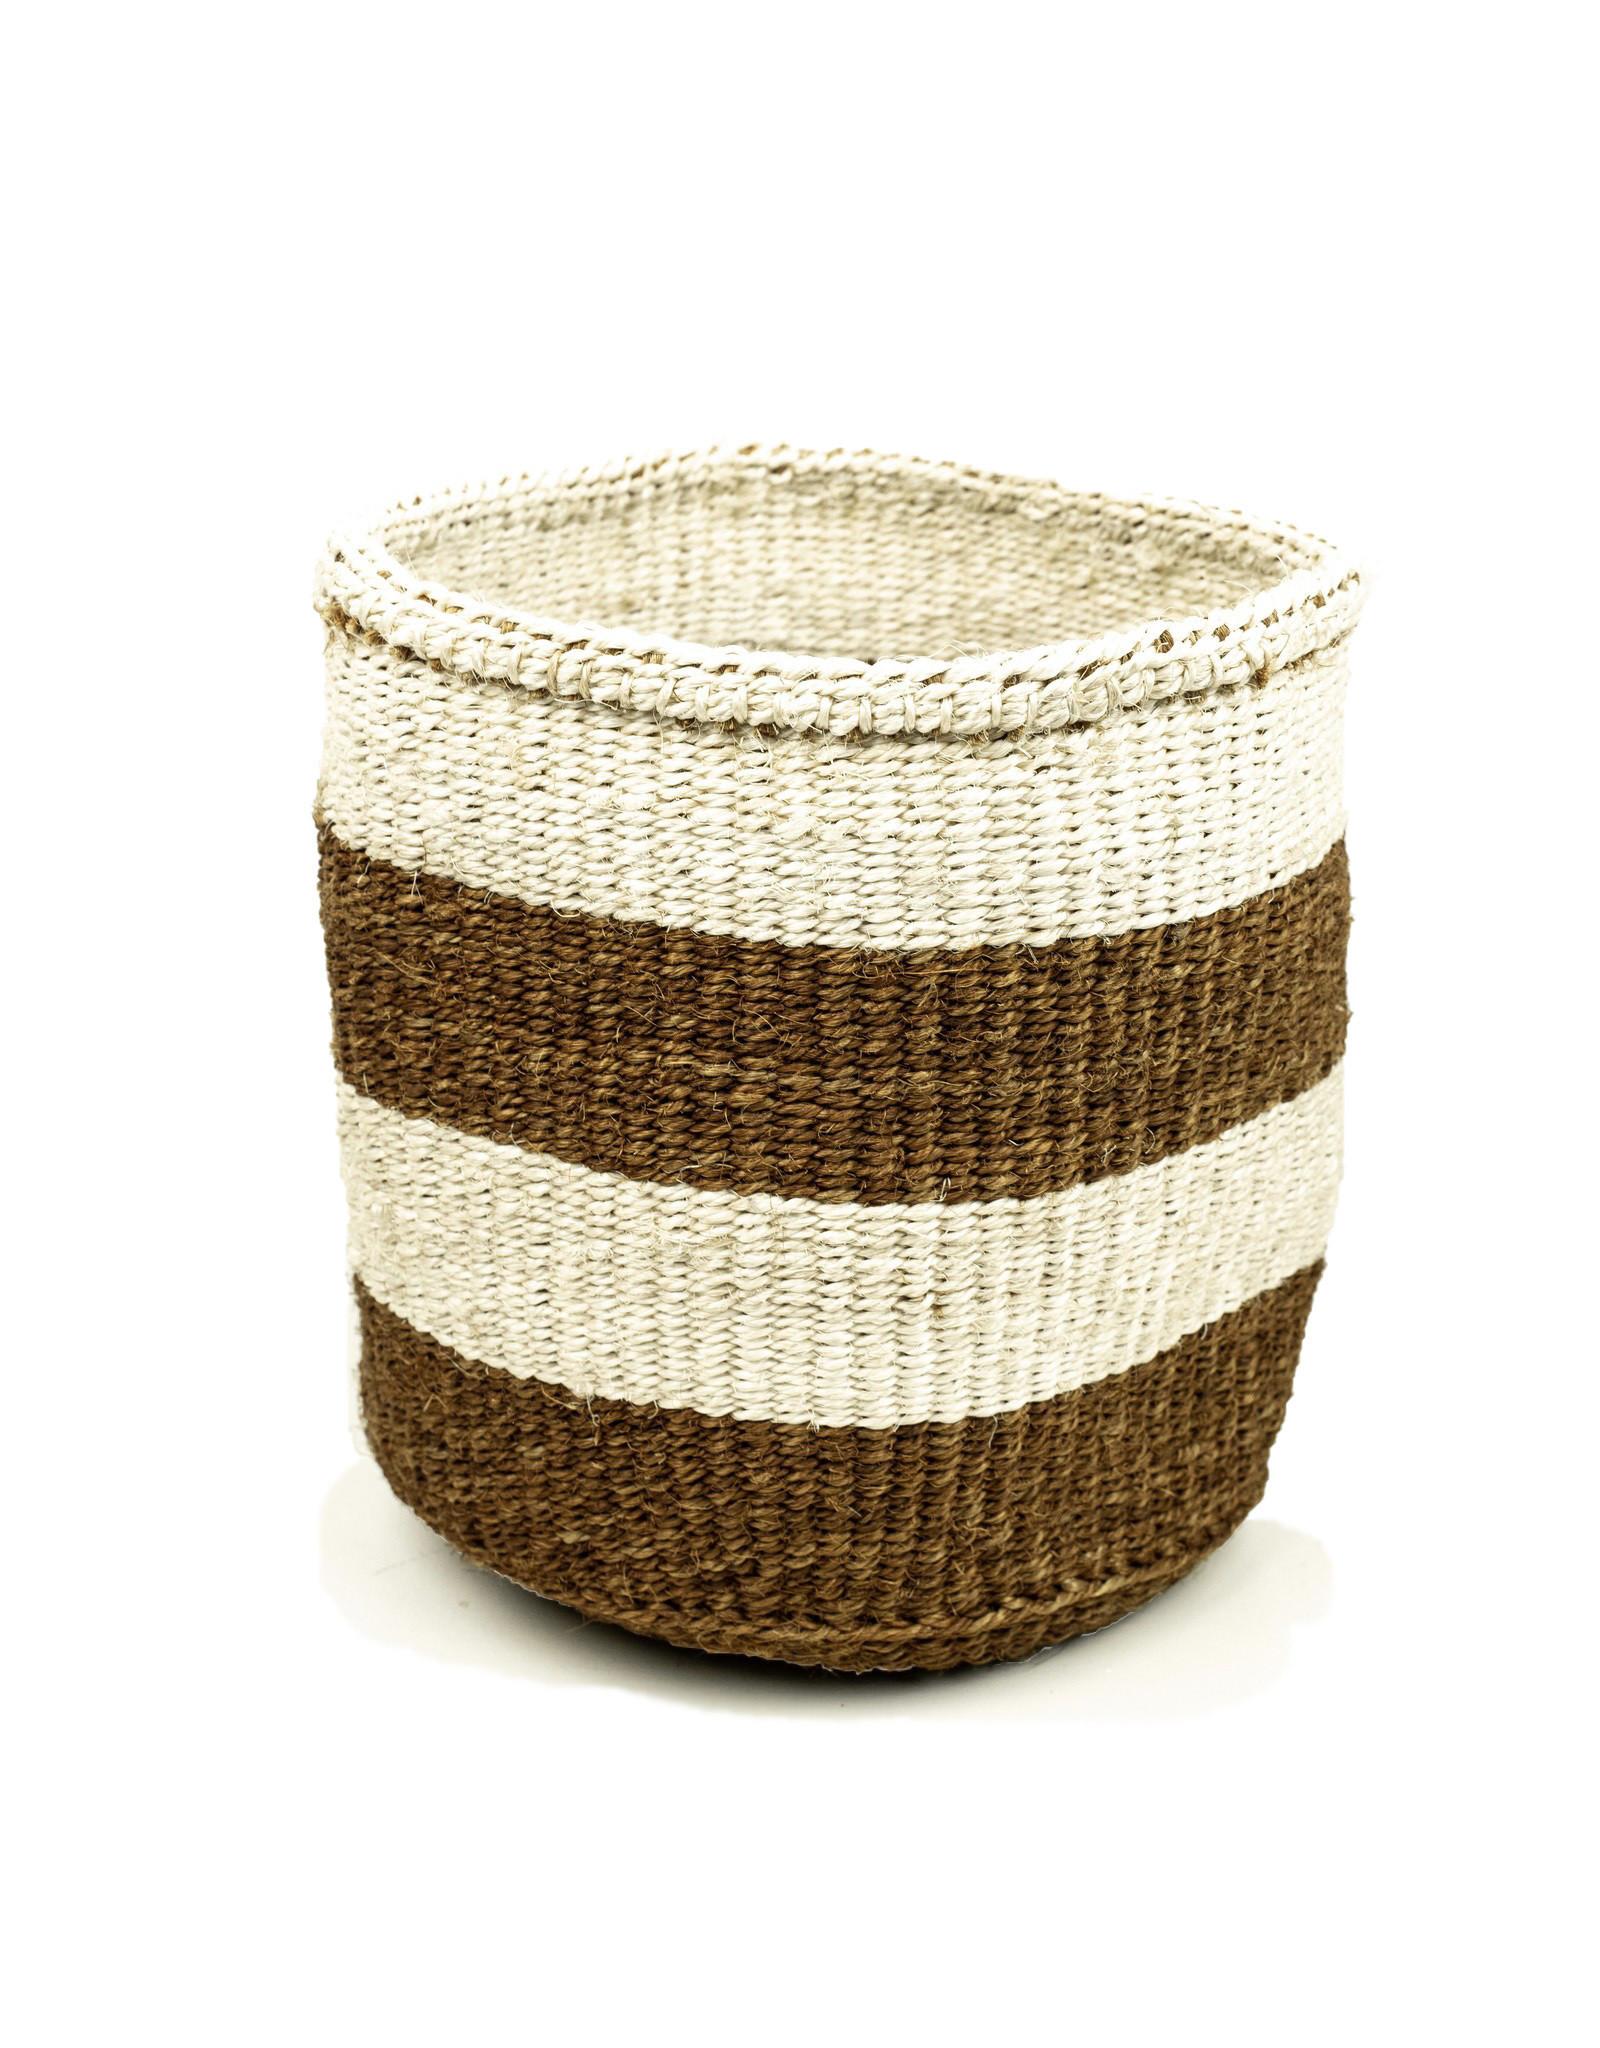 Maisha.Style Taita basket - reed & ivory stripes - M1